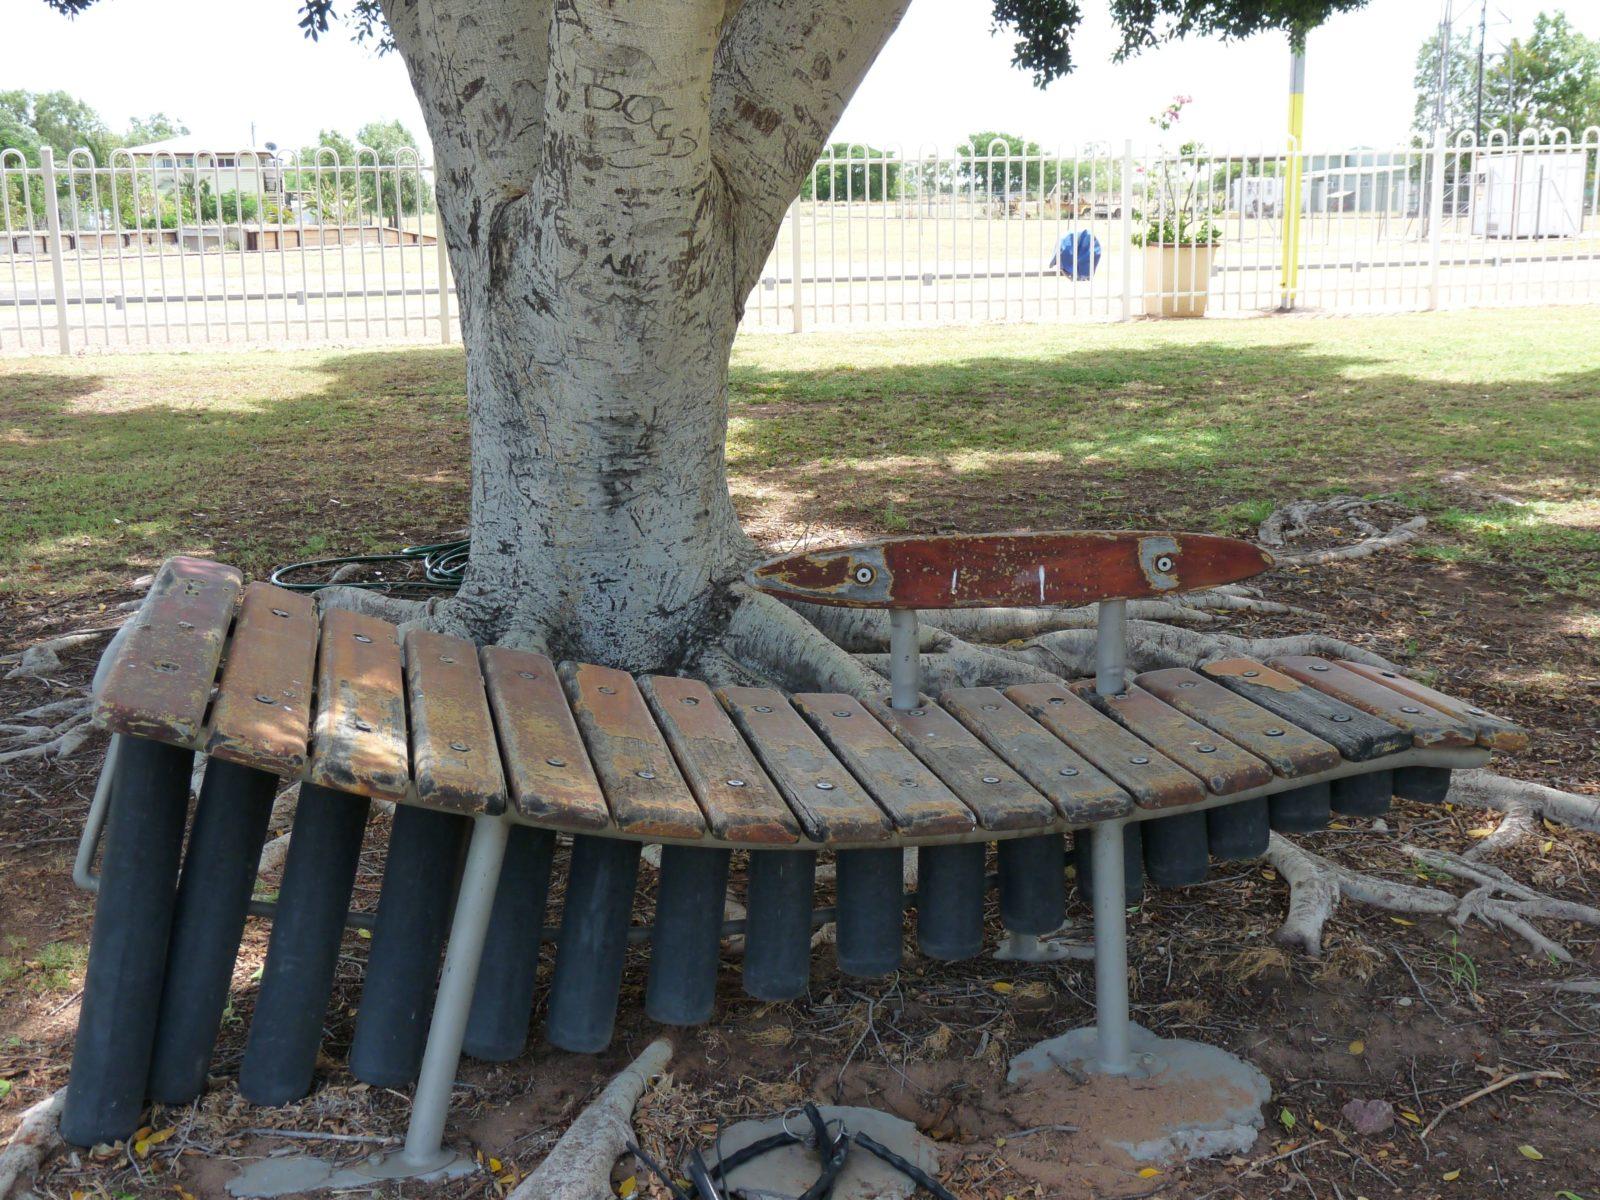 Barcaldine Musical Instruments